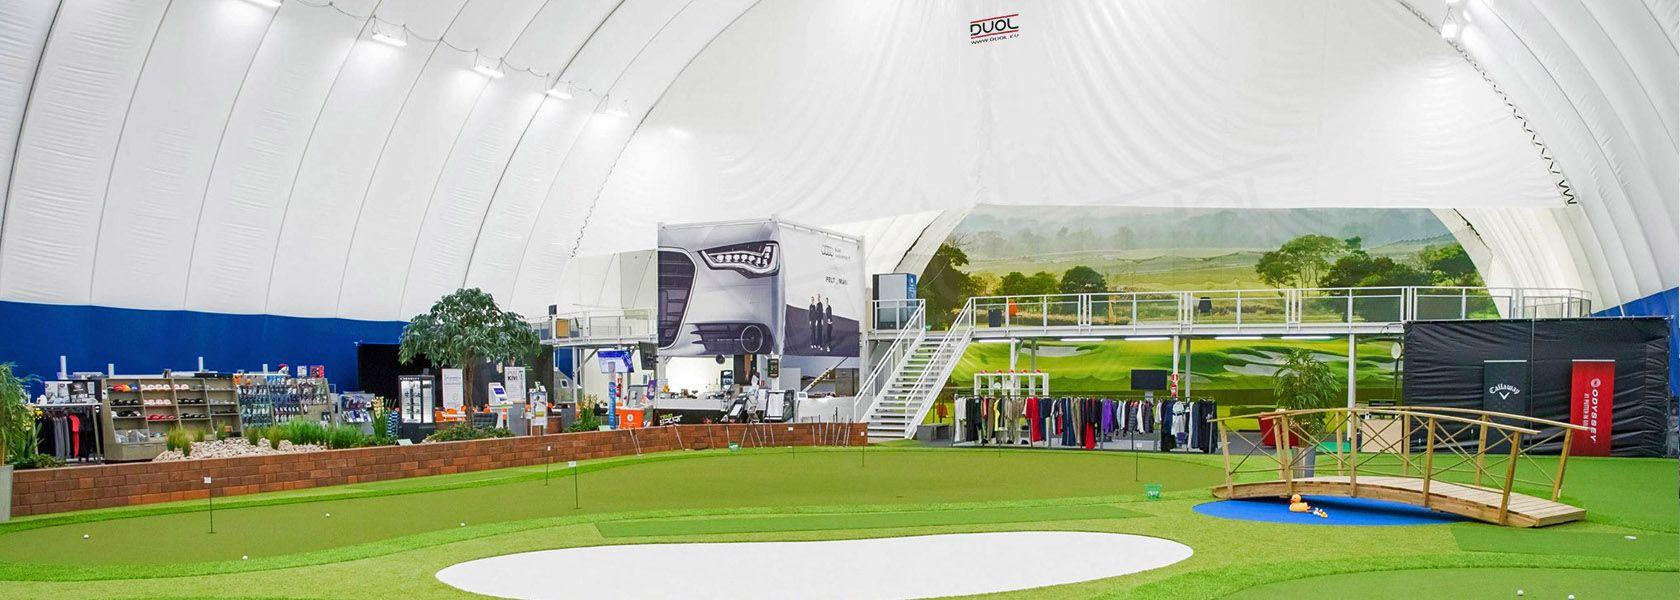 Les Structures Gonflables DUOL pour le golf